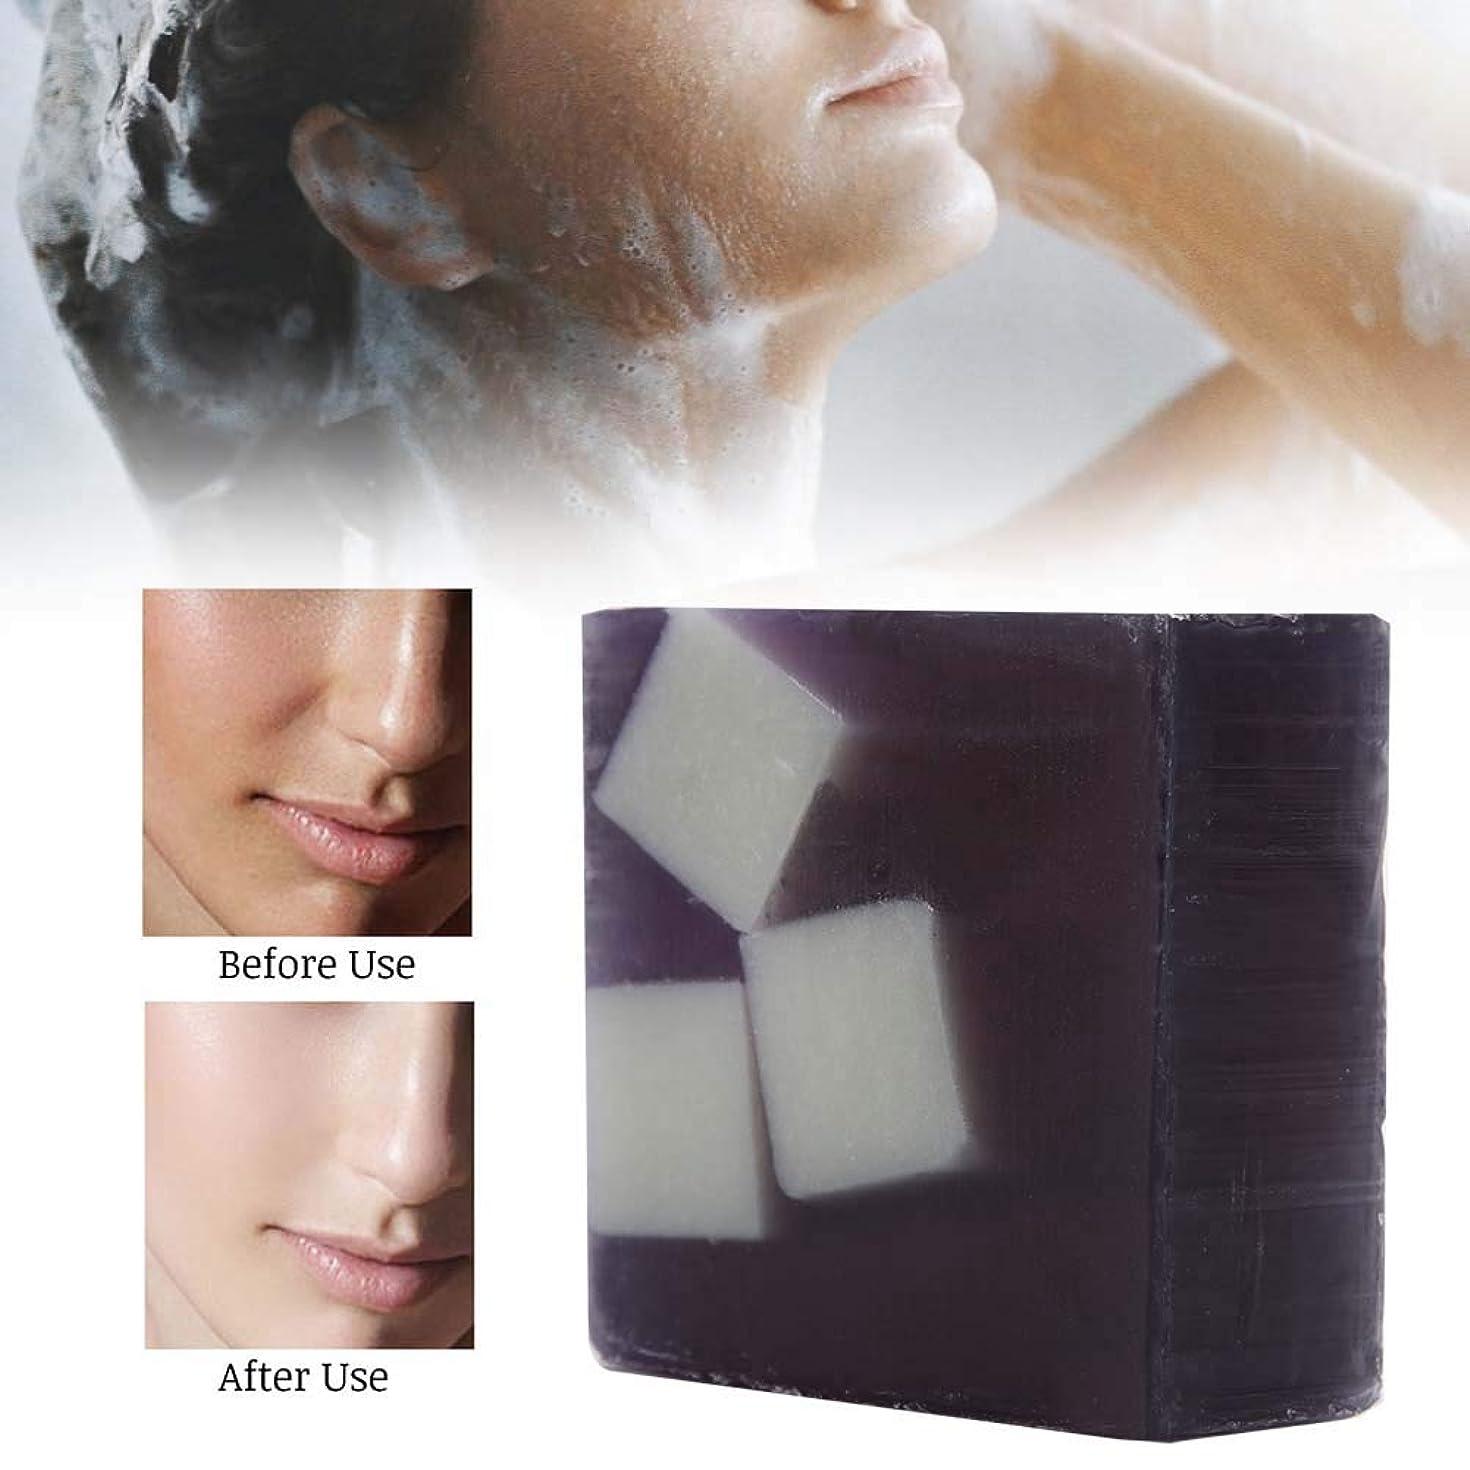 ベルすすり泣きのみ手作り石鹸 100g ディープクリーニング 火山泥 ハンドメイドグリース 保湿石鹸用